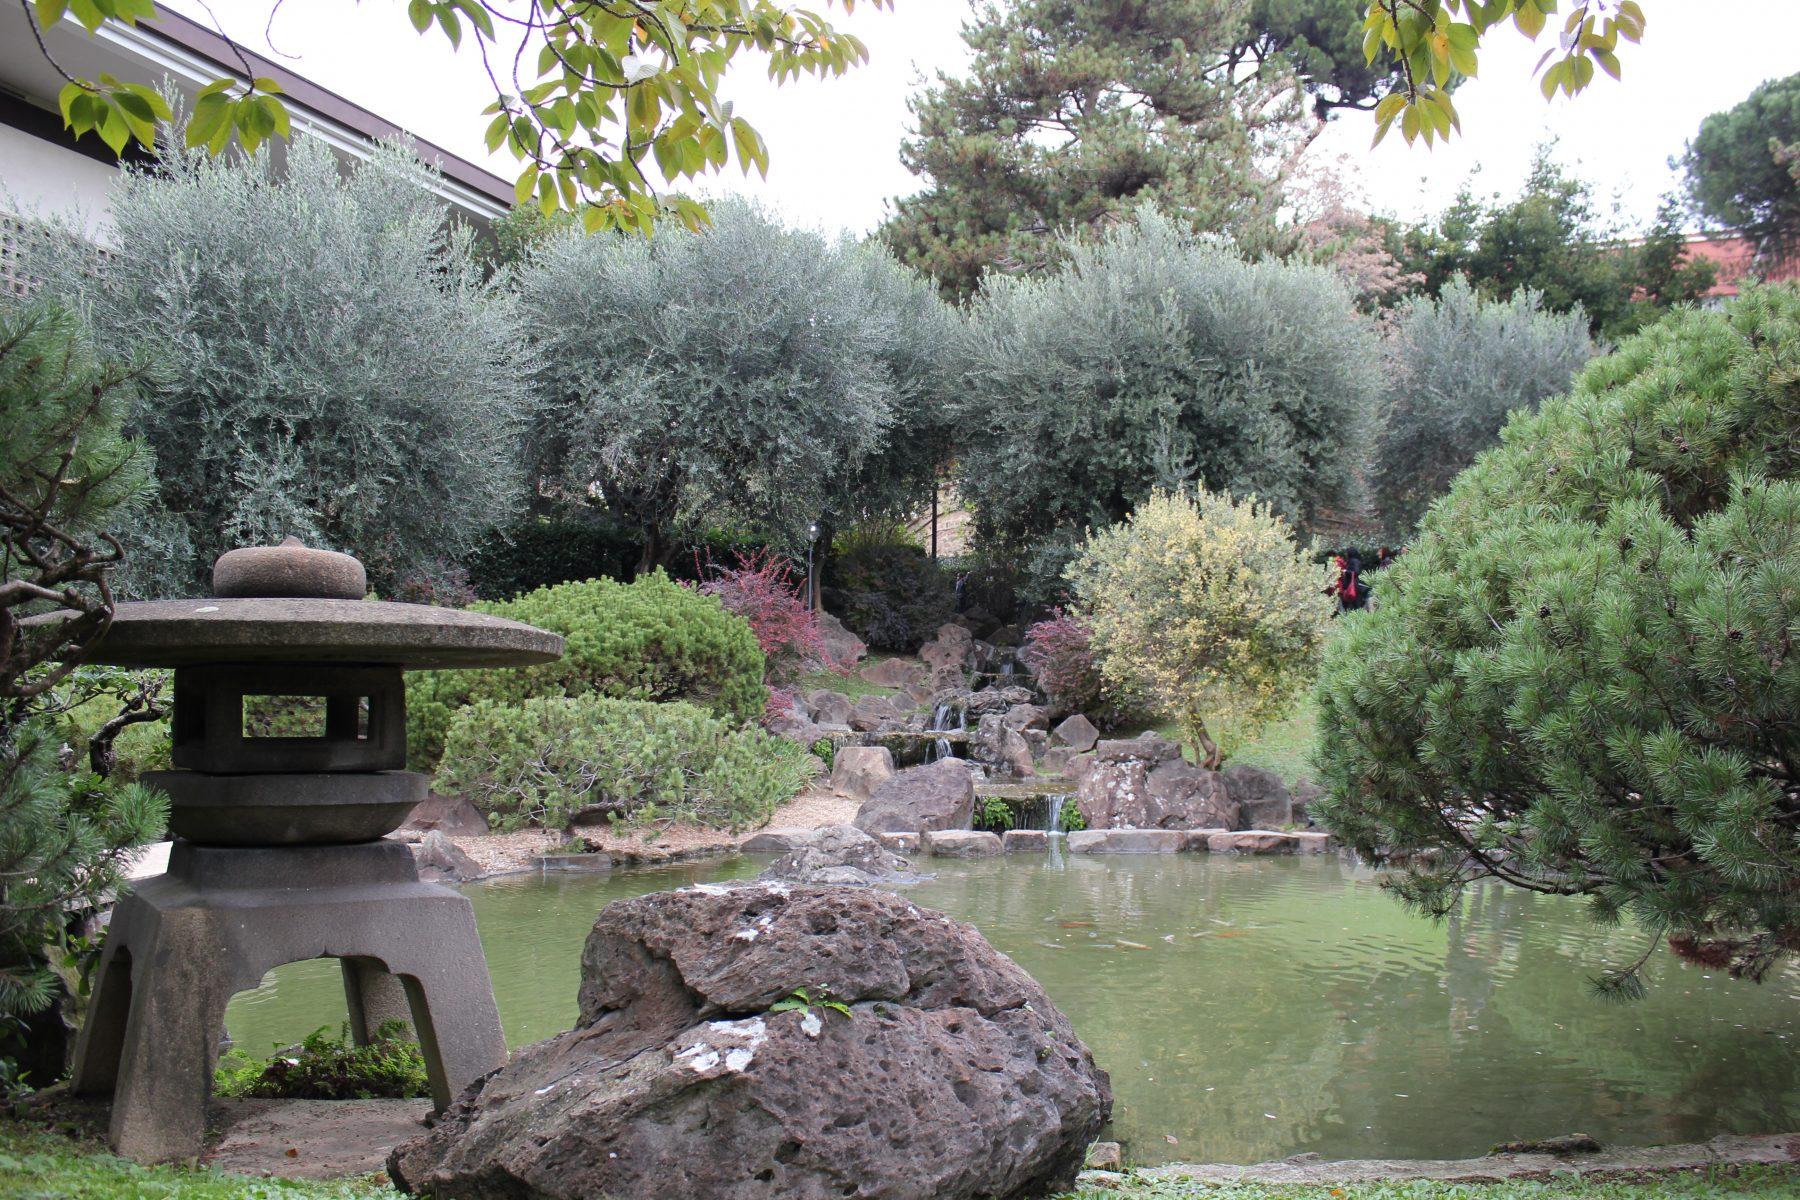 Un giardino giapponese nel cuore di roma viaggi e merende